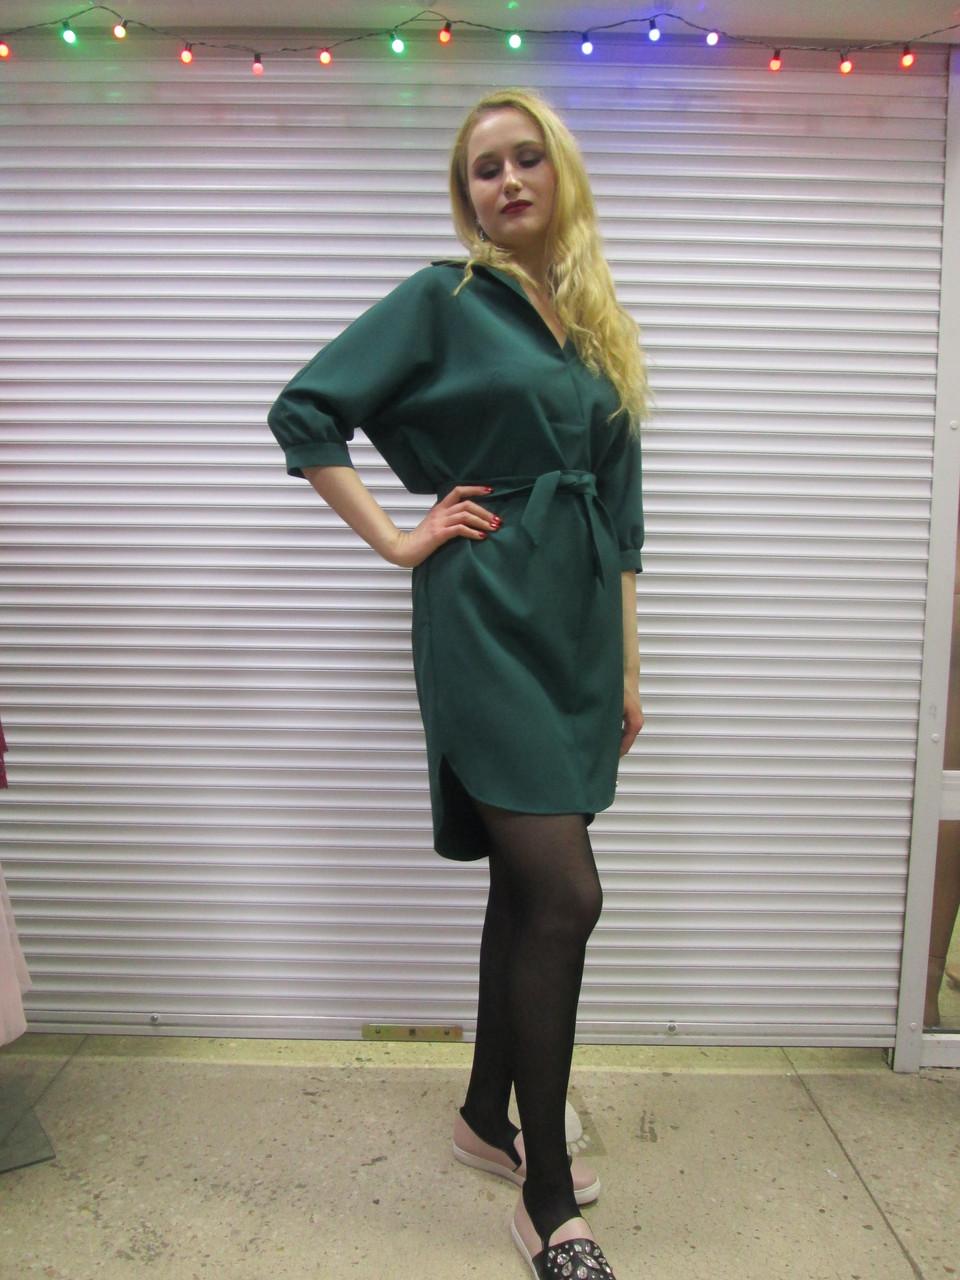 a20fc5f01f4846f Женское Платье-рубашка Под Пояс Темно-зеленого Цвета Р 40 (+6) Хорошее  Качество — в Категории